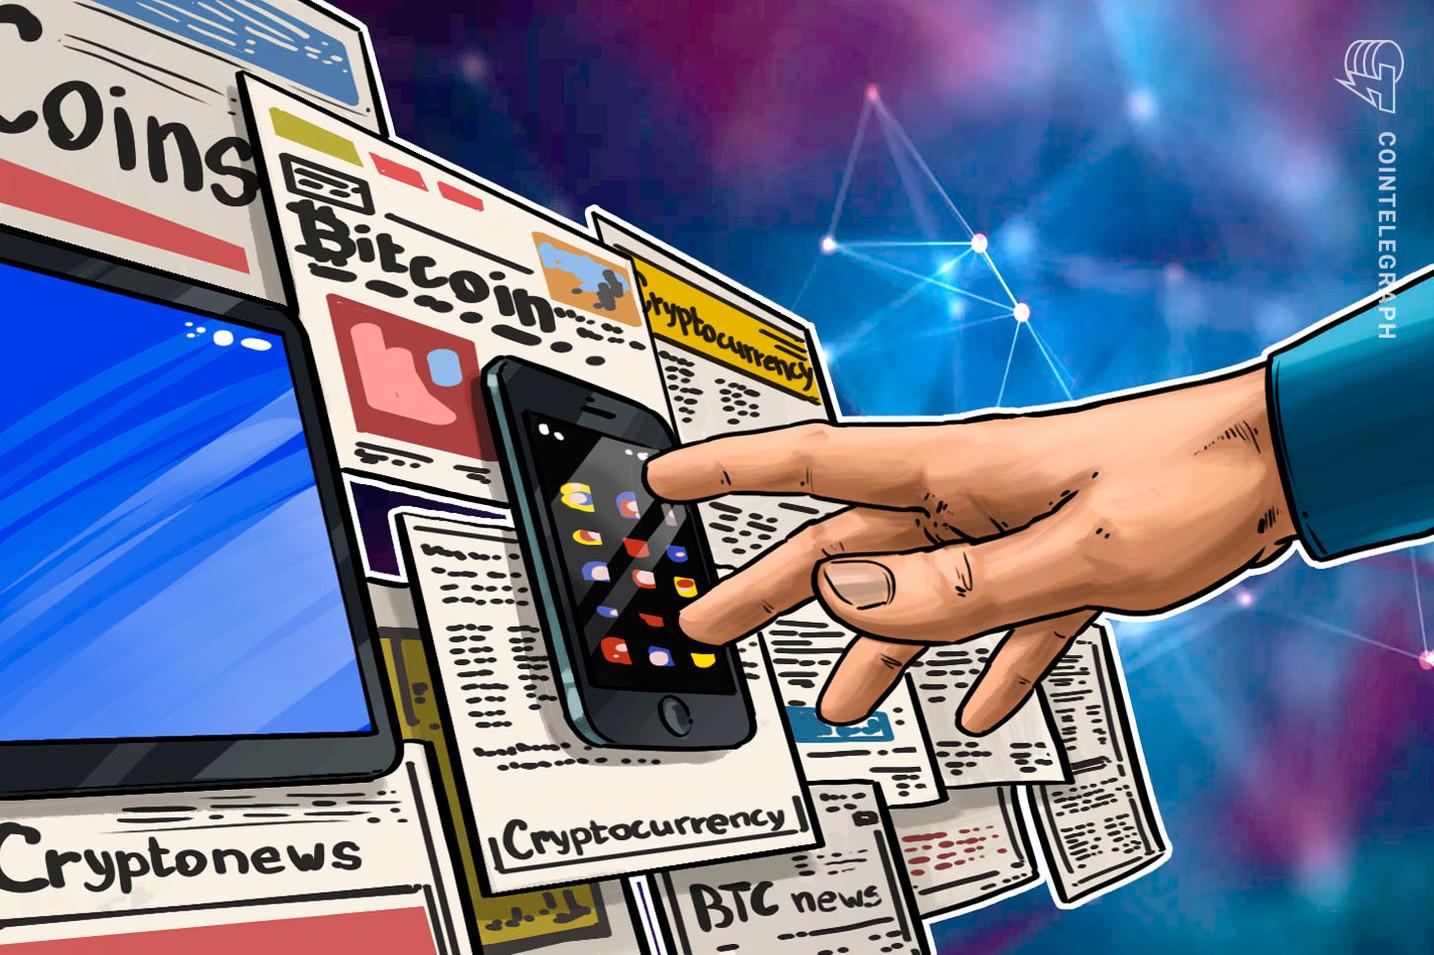 主流メディアが仮想通貨取り上げる回数  相場下落時に急増する傾向